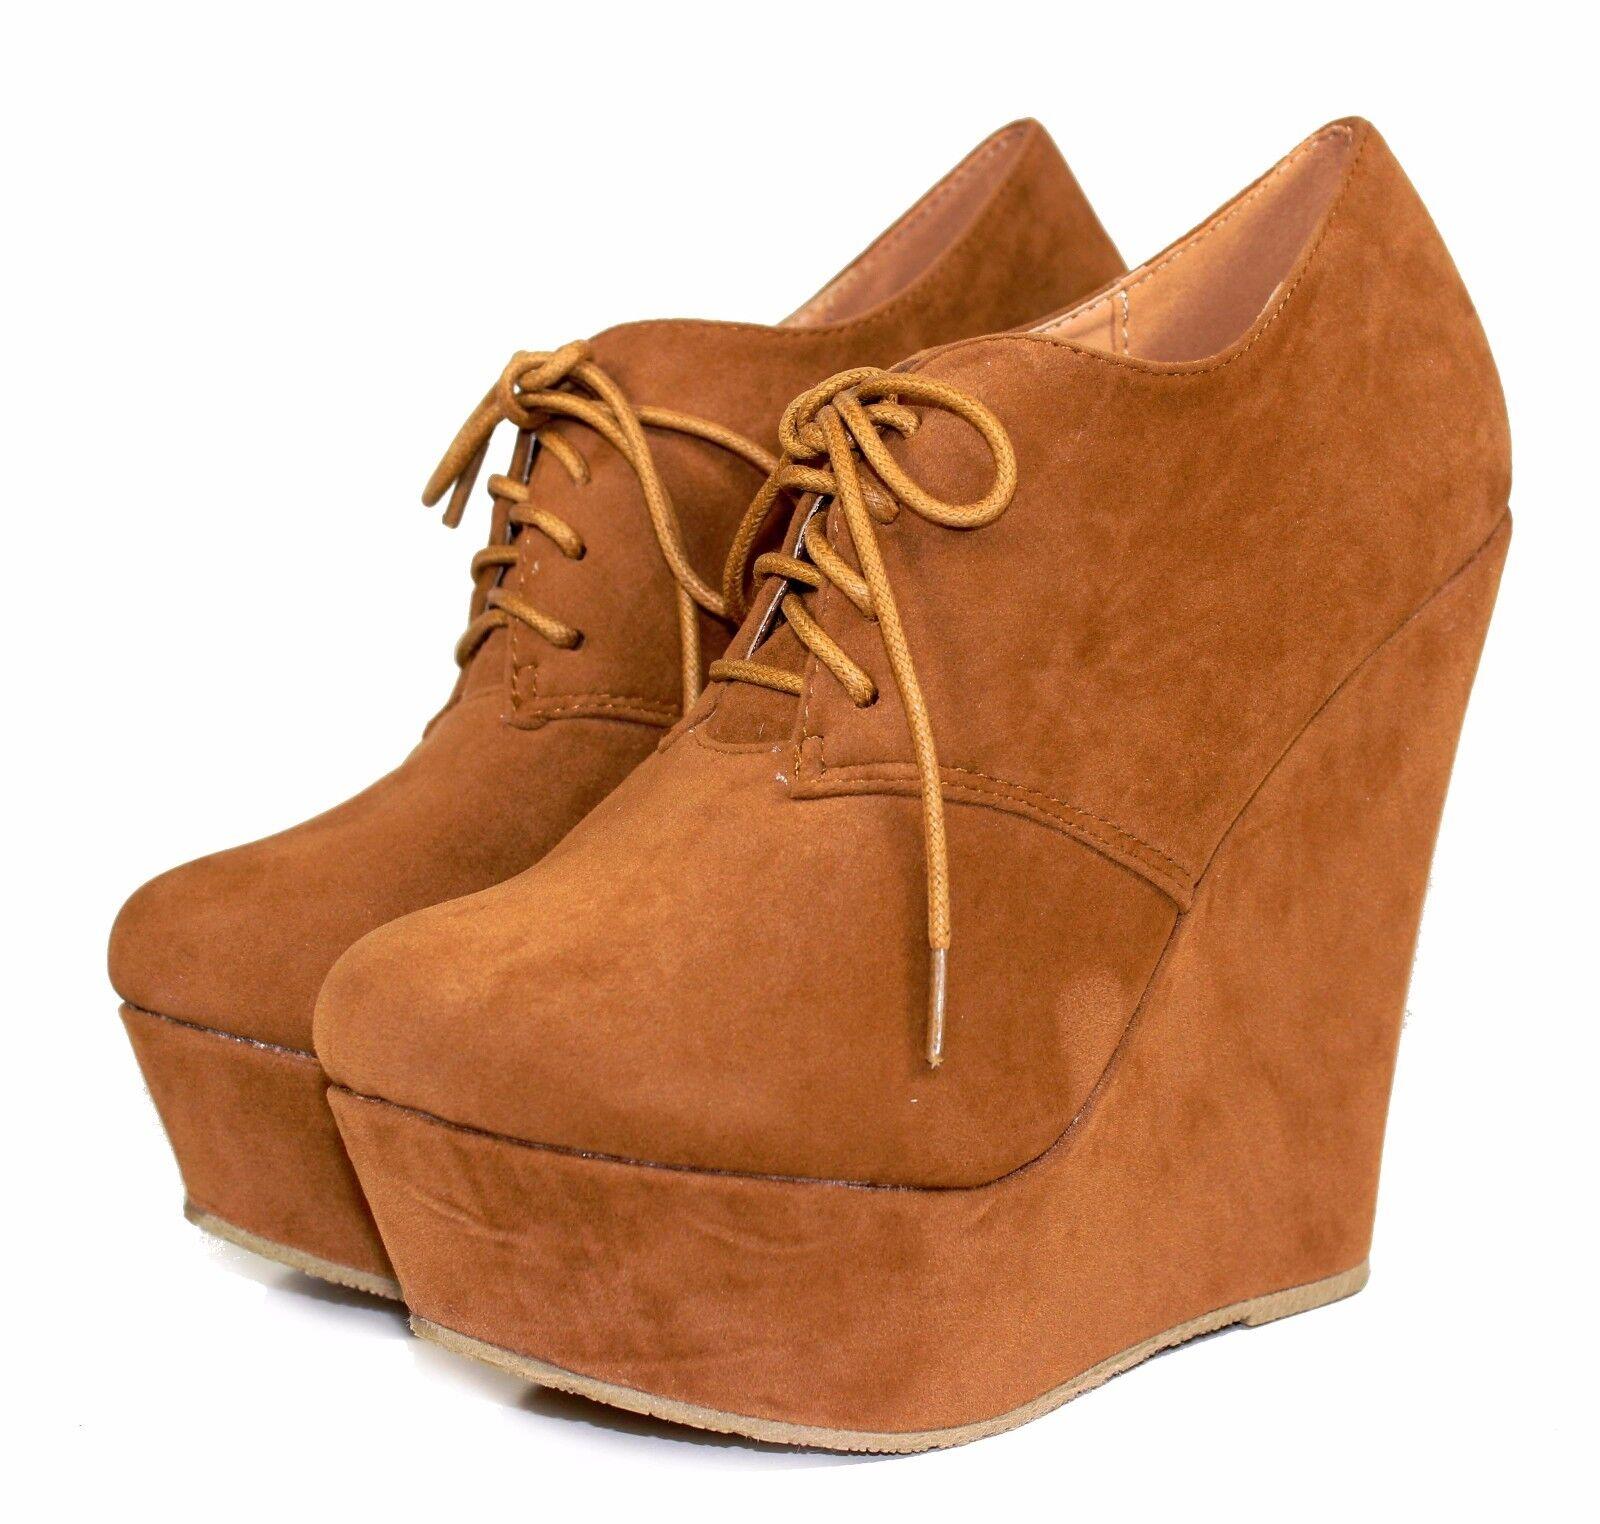 Trendy-97 New Heel Wedges Party 5